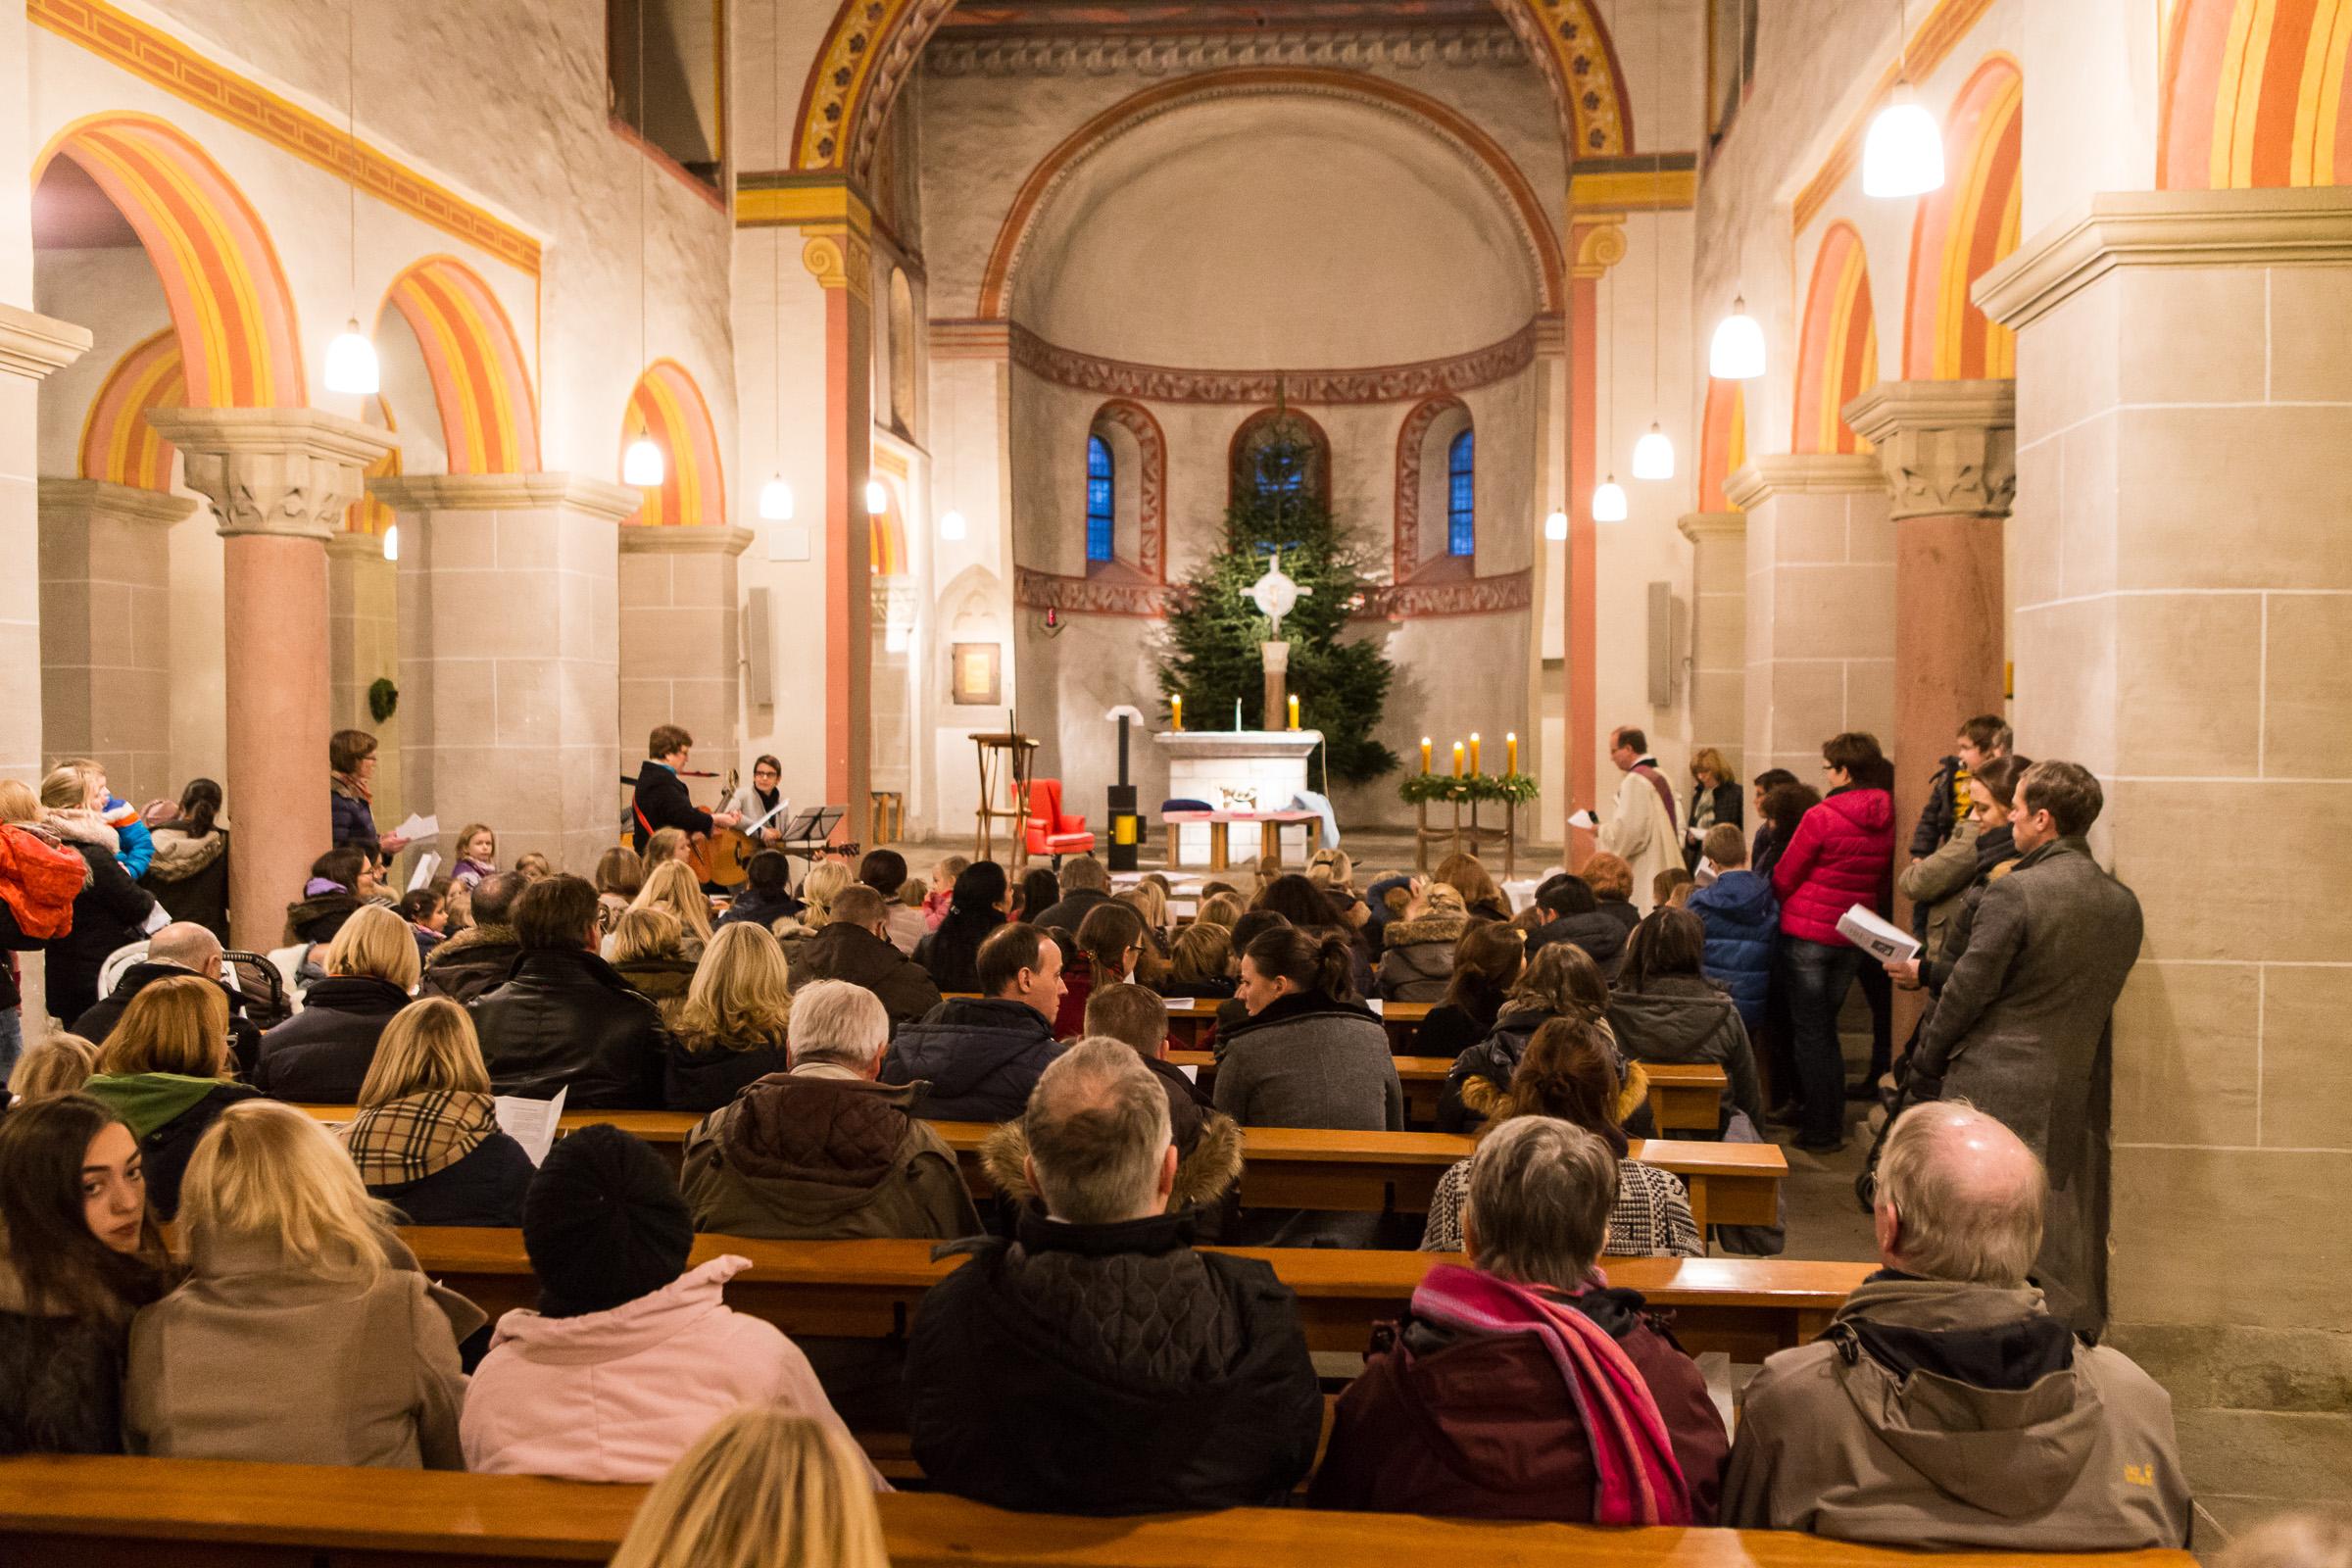 20161221_KitaLummerland_Luciuskirche_30